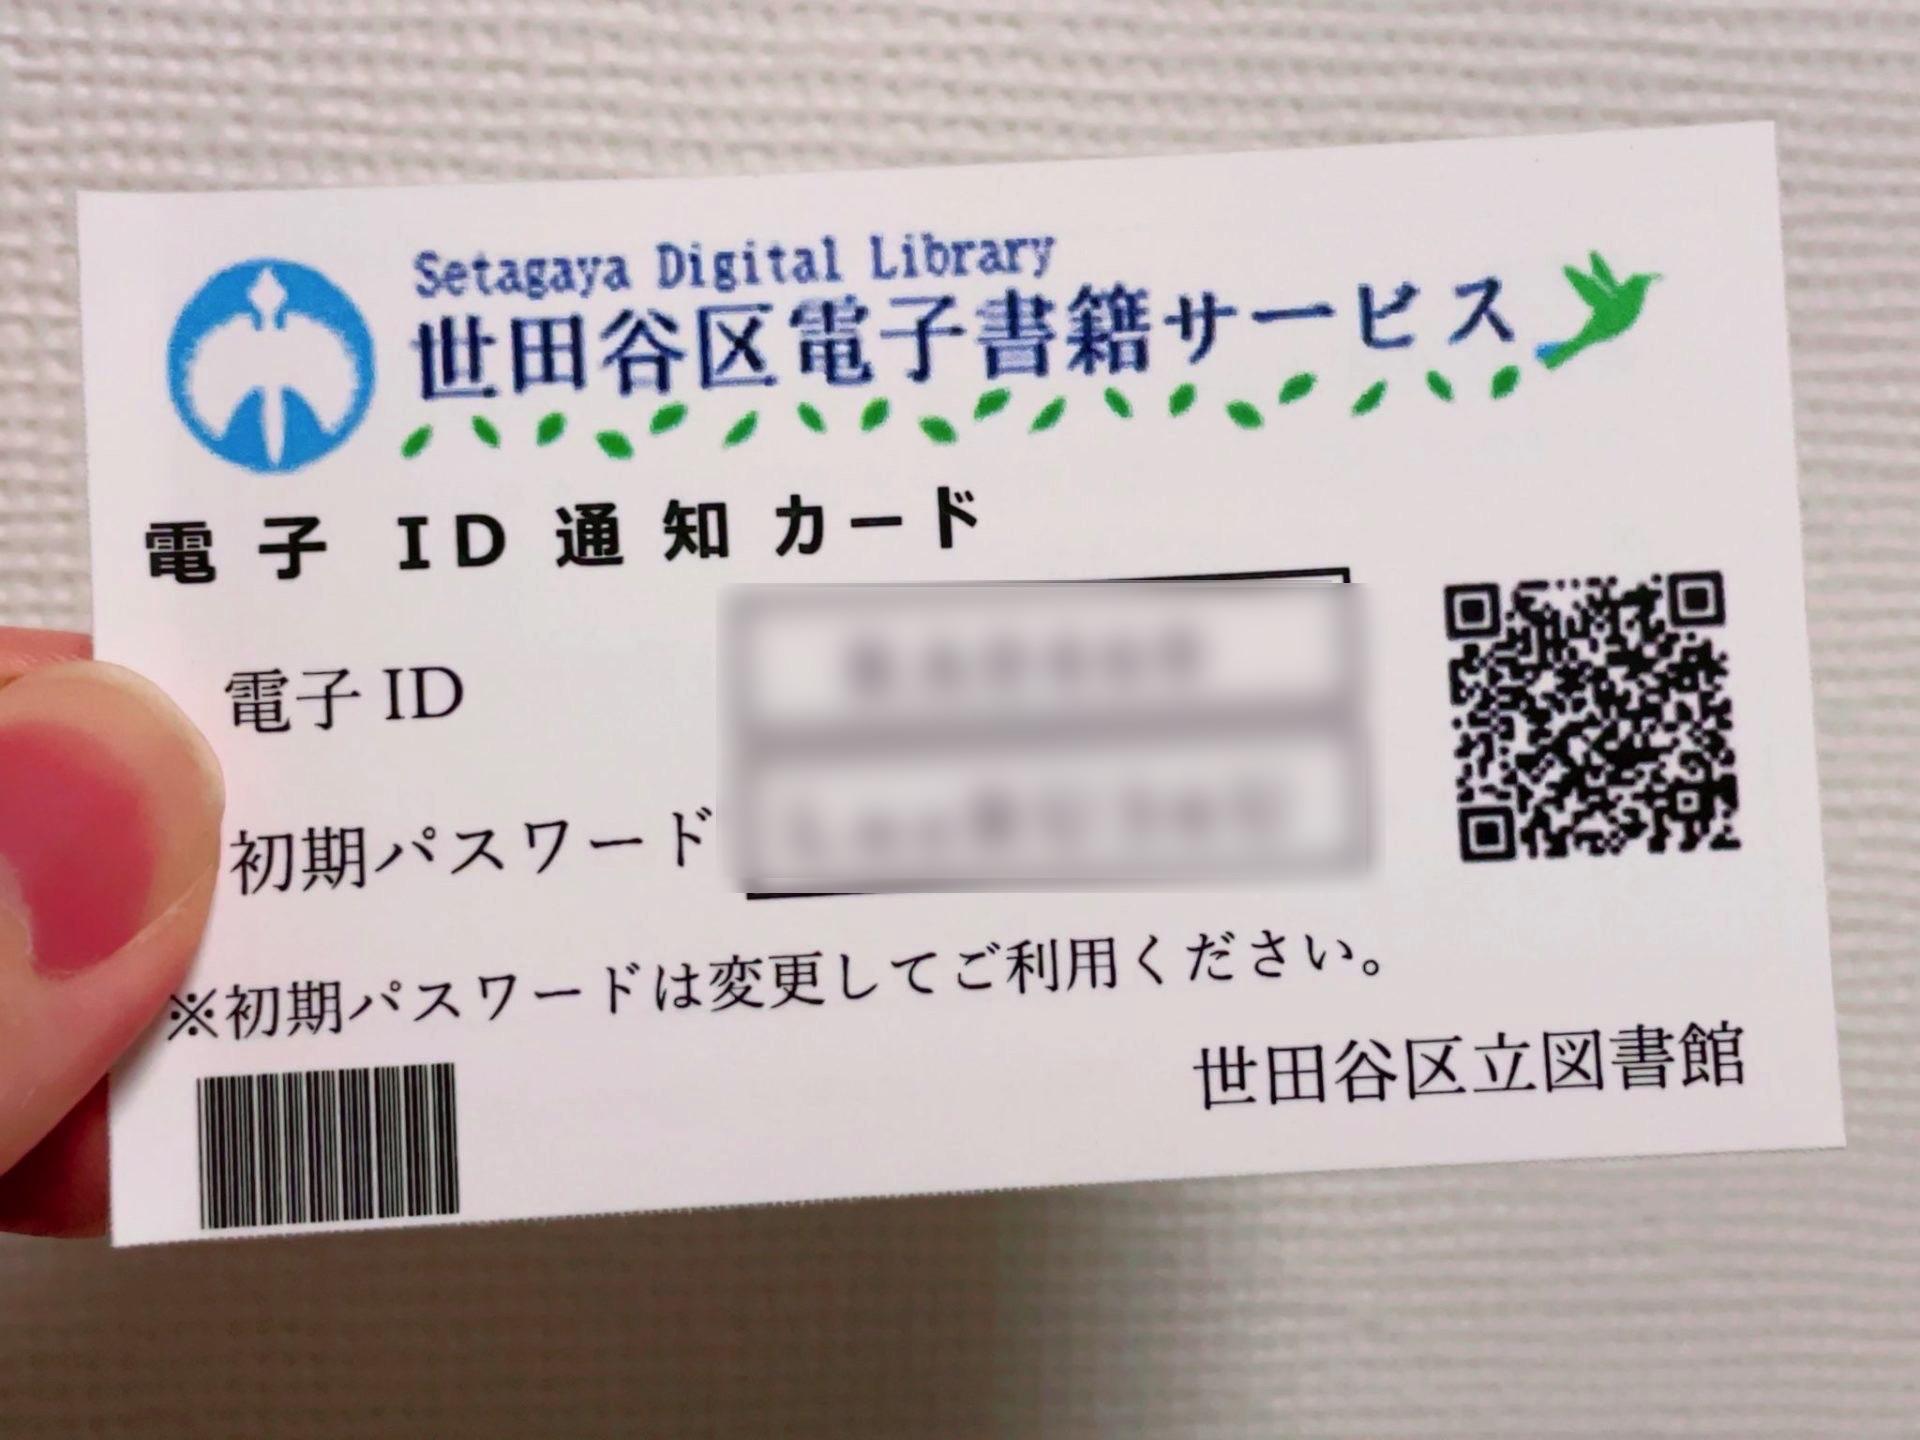 世田谷区 電子図書館(電子書籍サービス)の電子ID通知カード